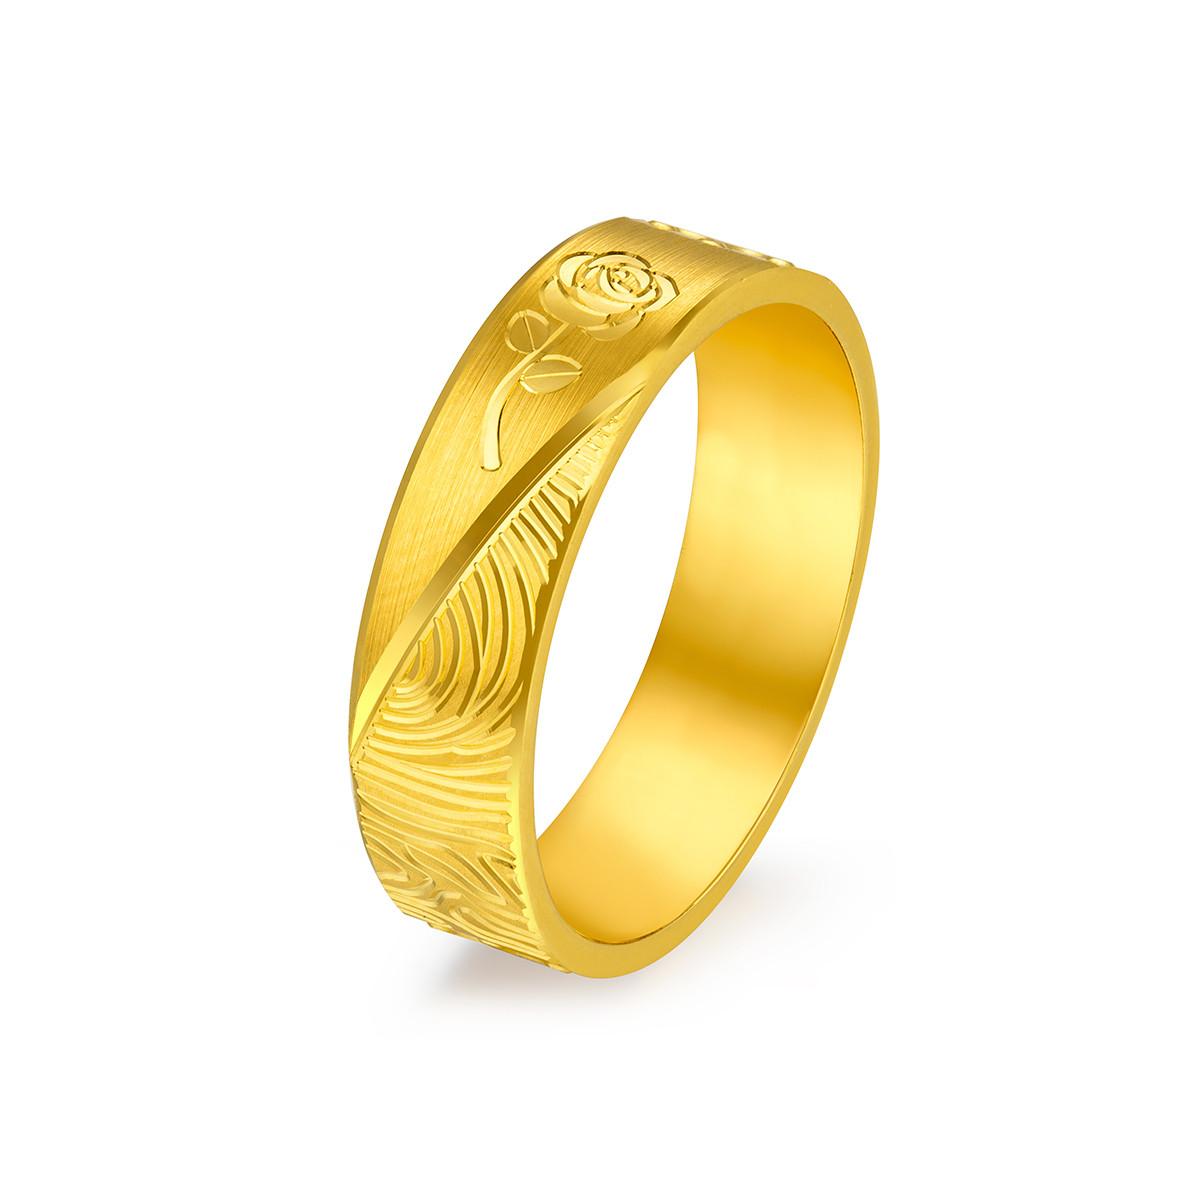 六福珠宝六福珠宝黄金戒指囍爱系列开枝散叶黄金对戒婚嫁女戒计价GDG40061